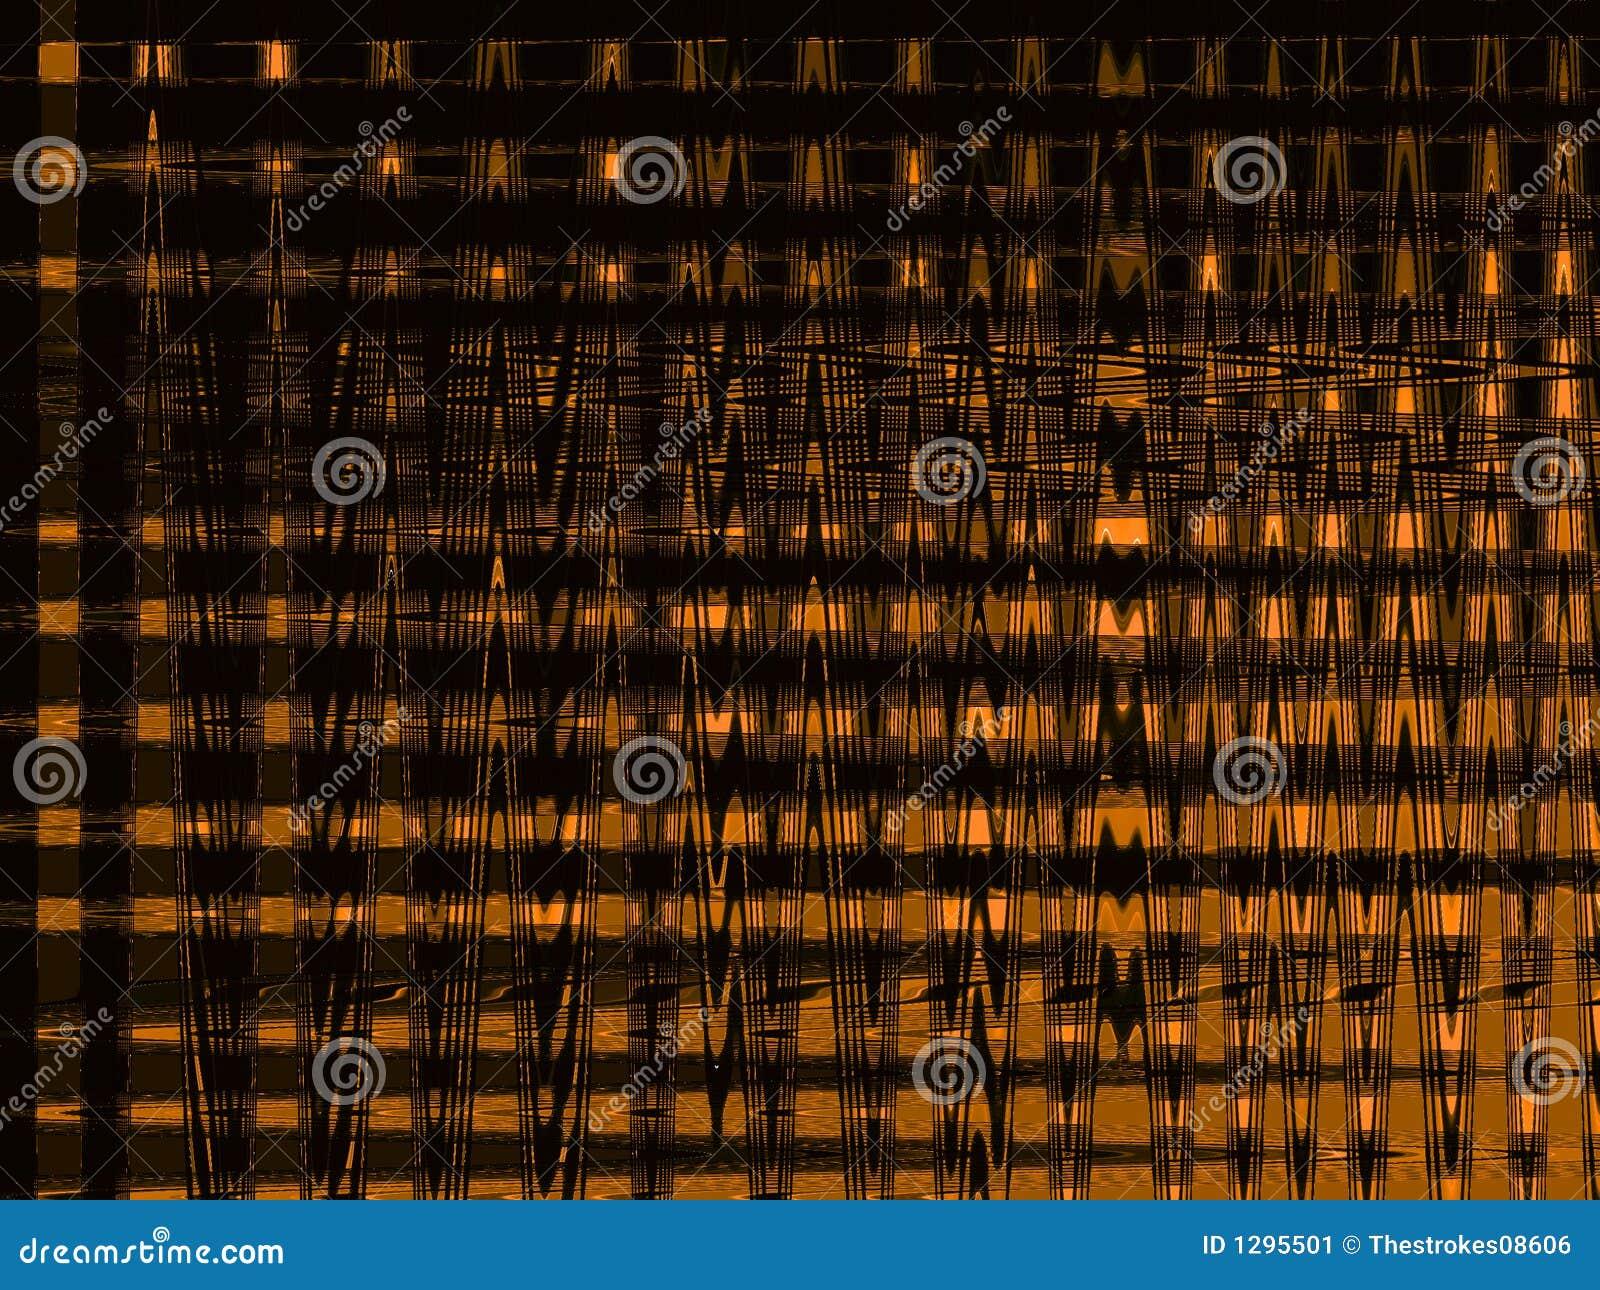 Download El Brillar Intensamente Anaranjado Stock de ilustración - Ilustración de fondo, otoño: 1295501